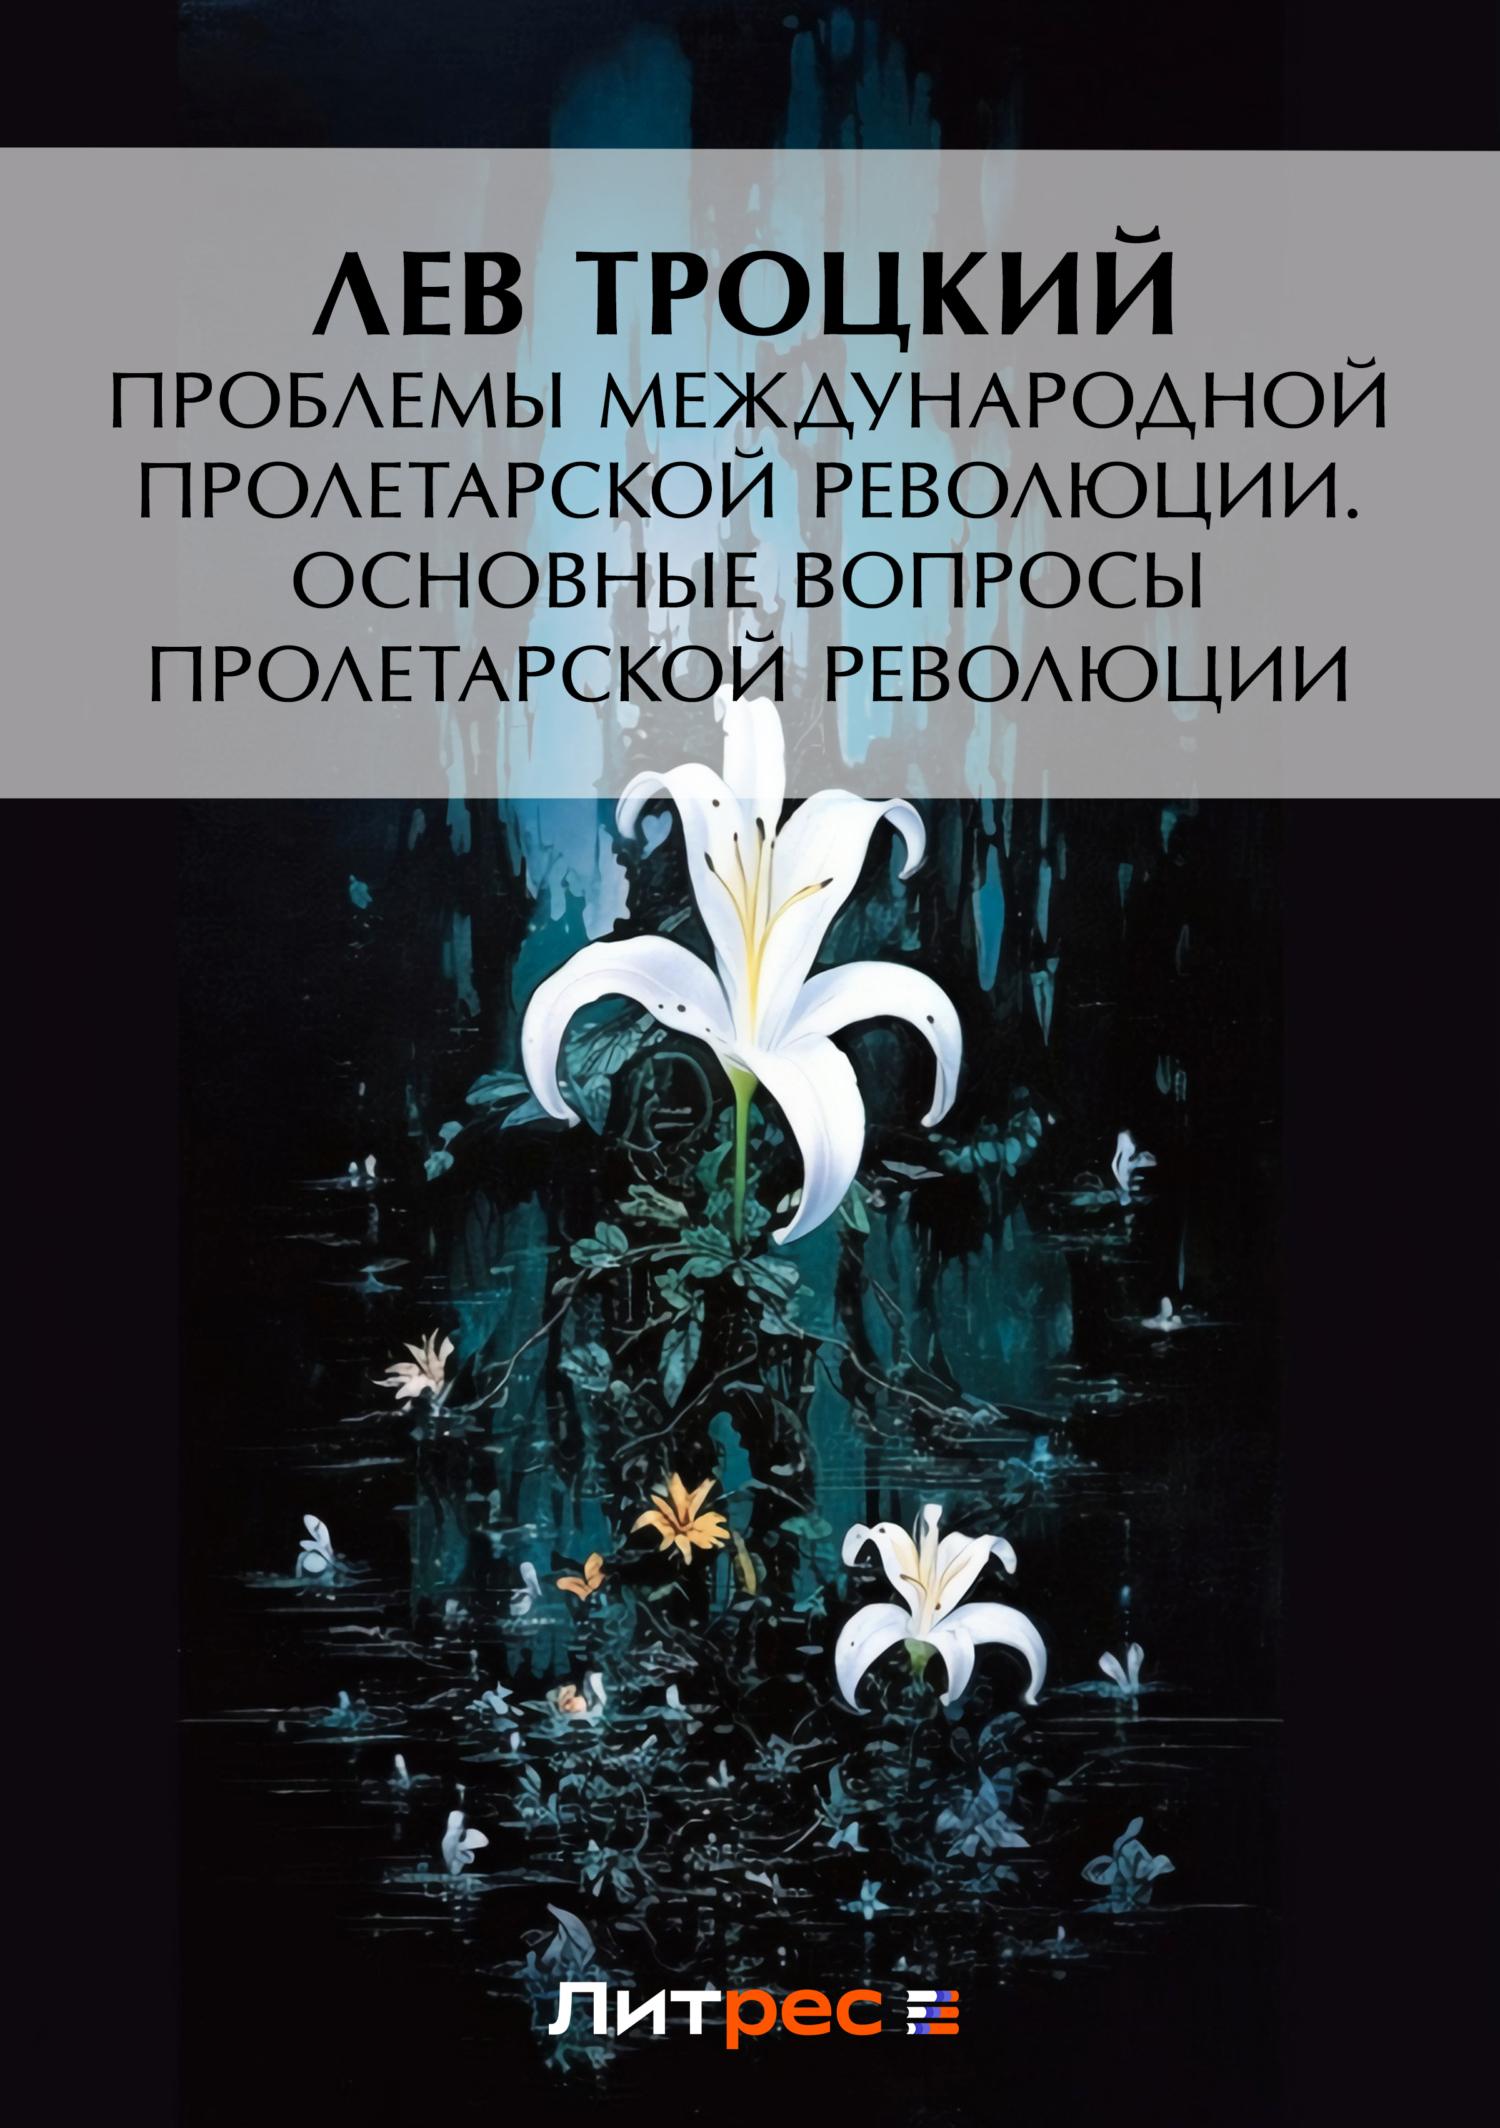 Проблемы международной пролетарской революции. Основные вопросы пролетарской революции фото